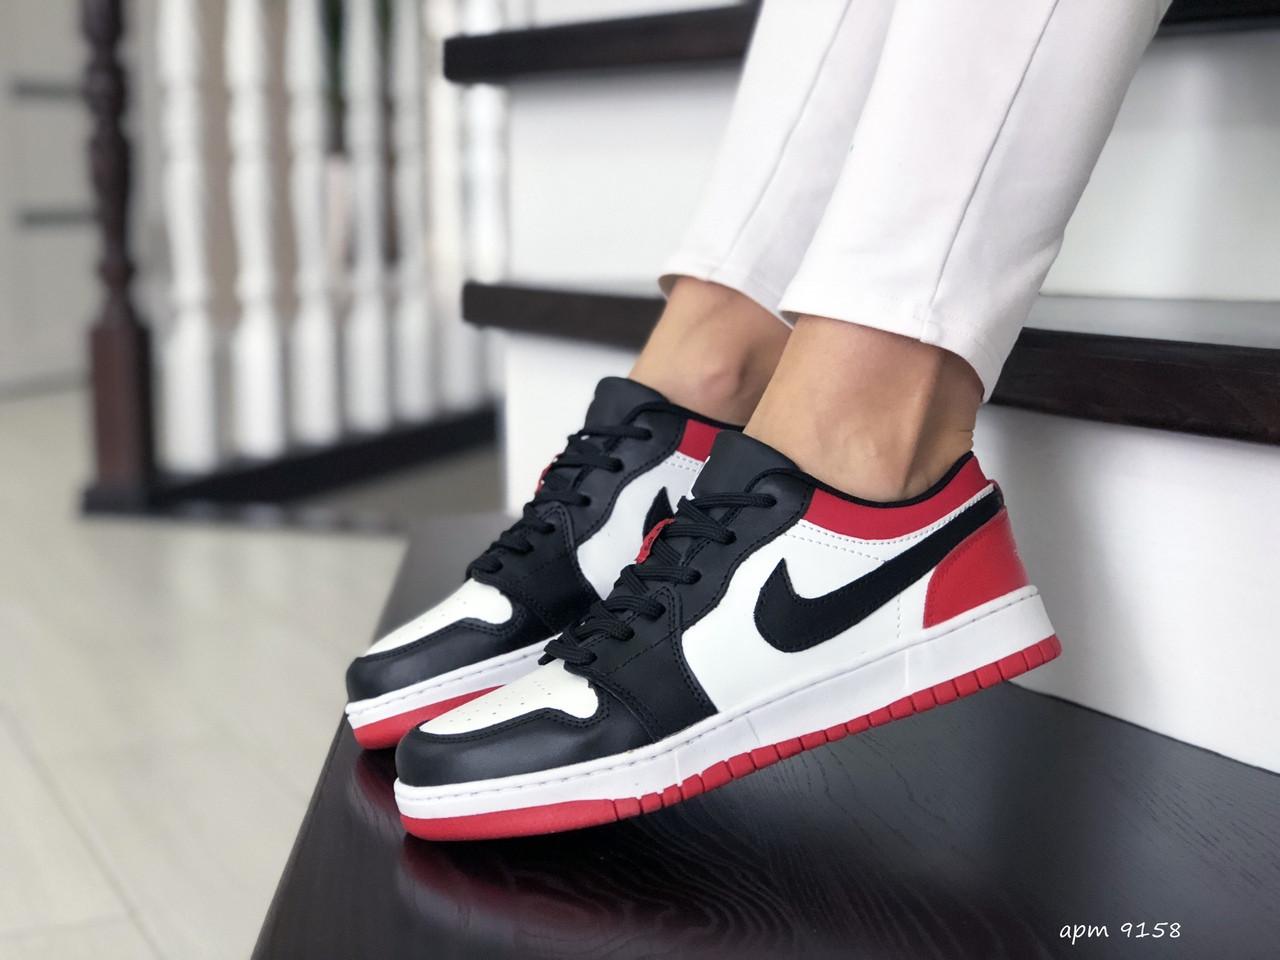 Жіночі шкіряні кросівки Nike Air Jordan 1 Low (біло-чорне з червоним) 9158